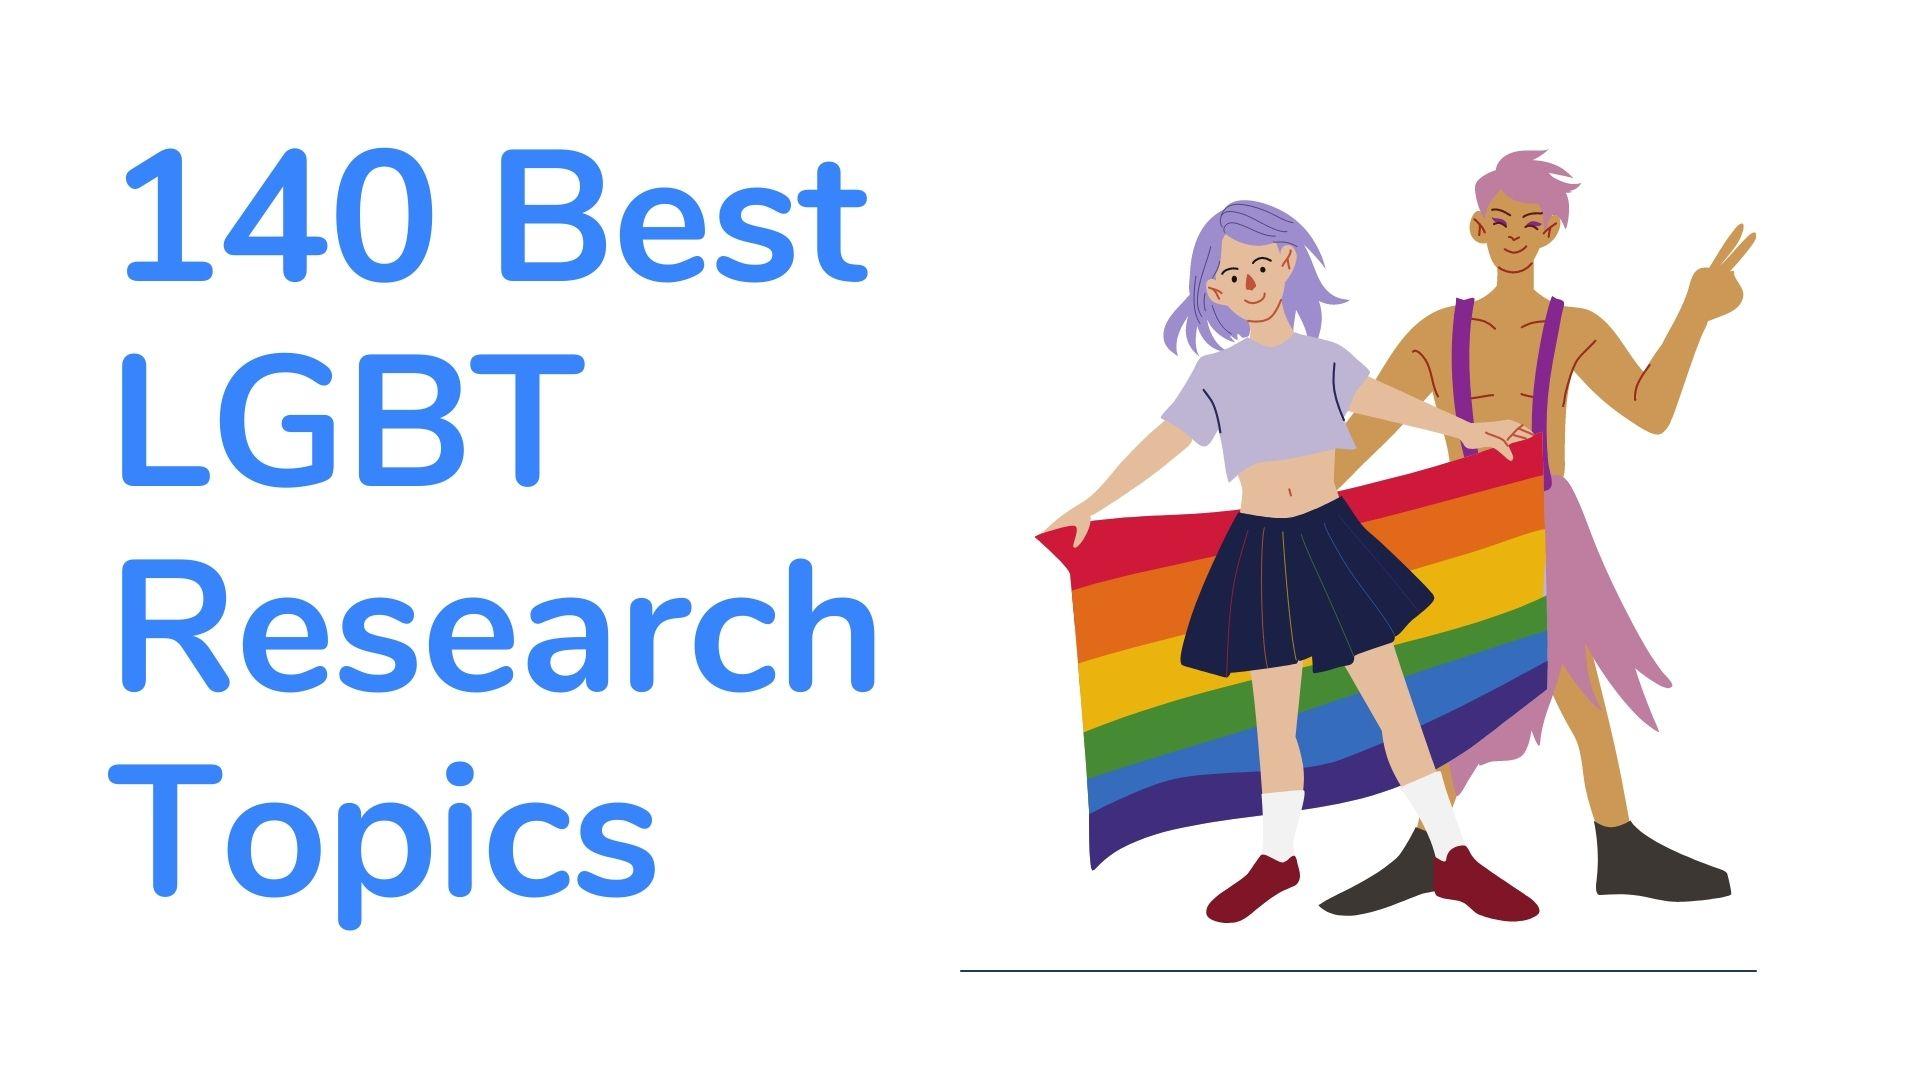 LGBT Research Topics